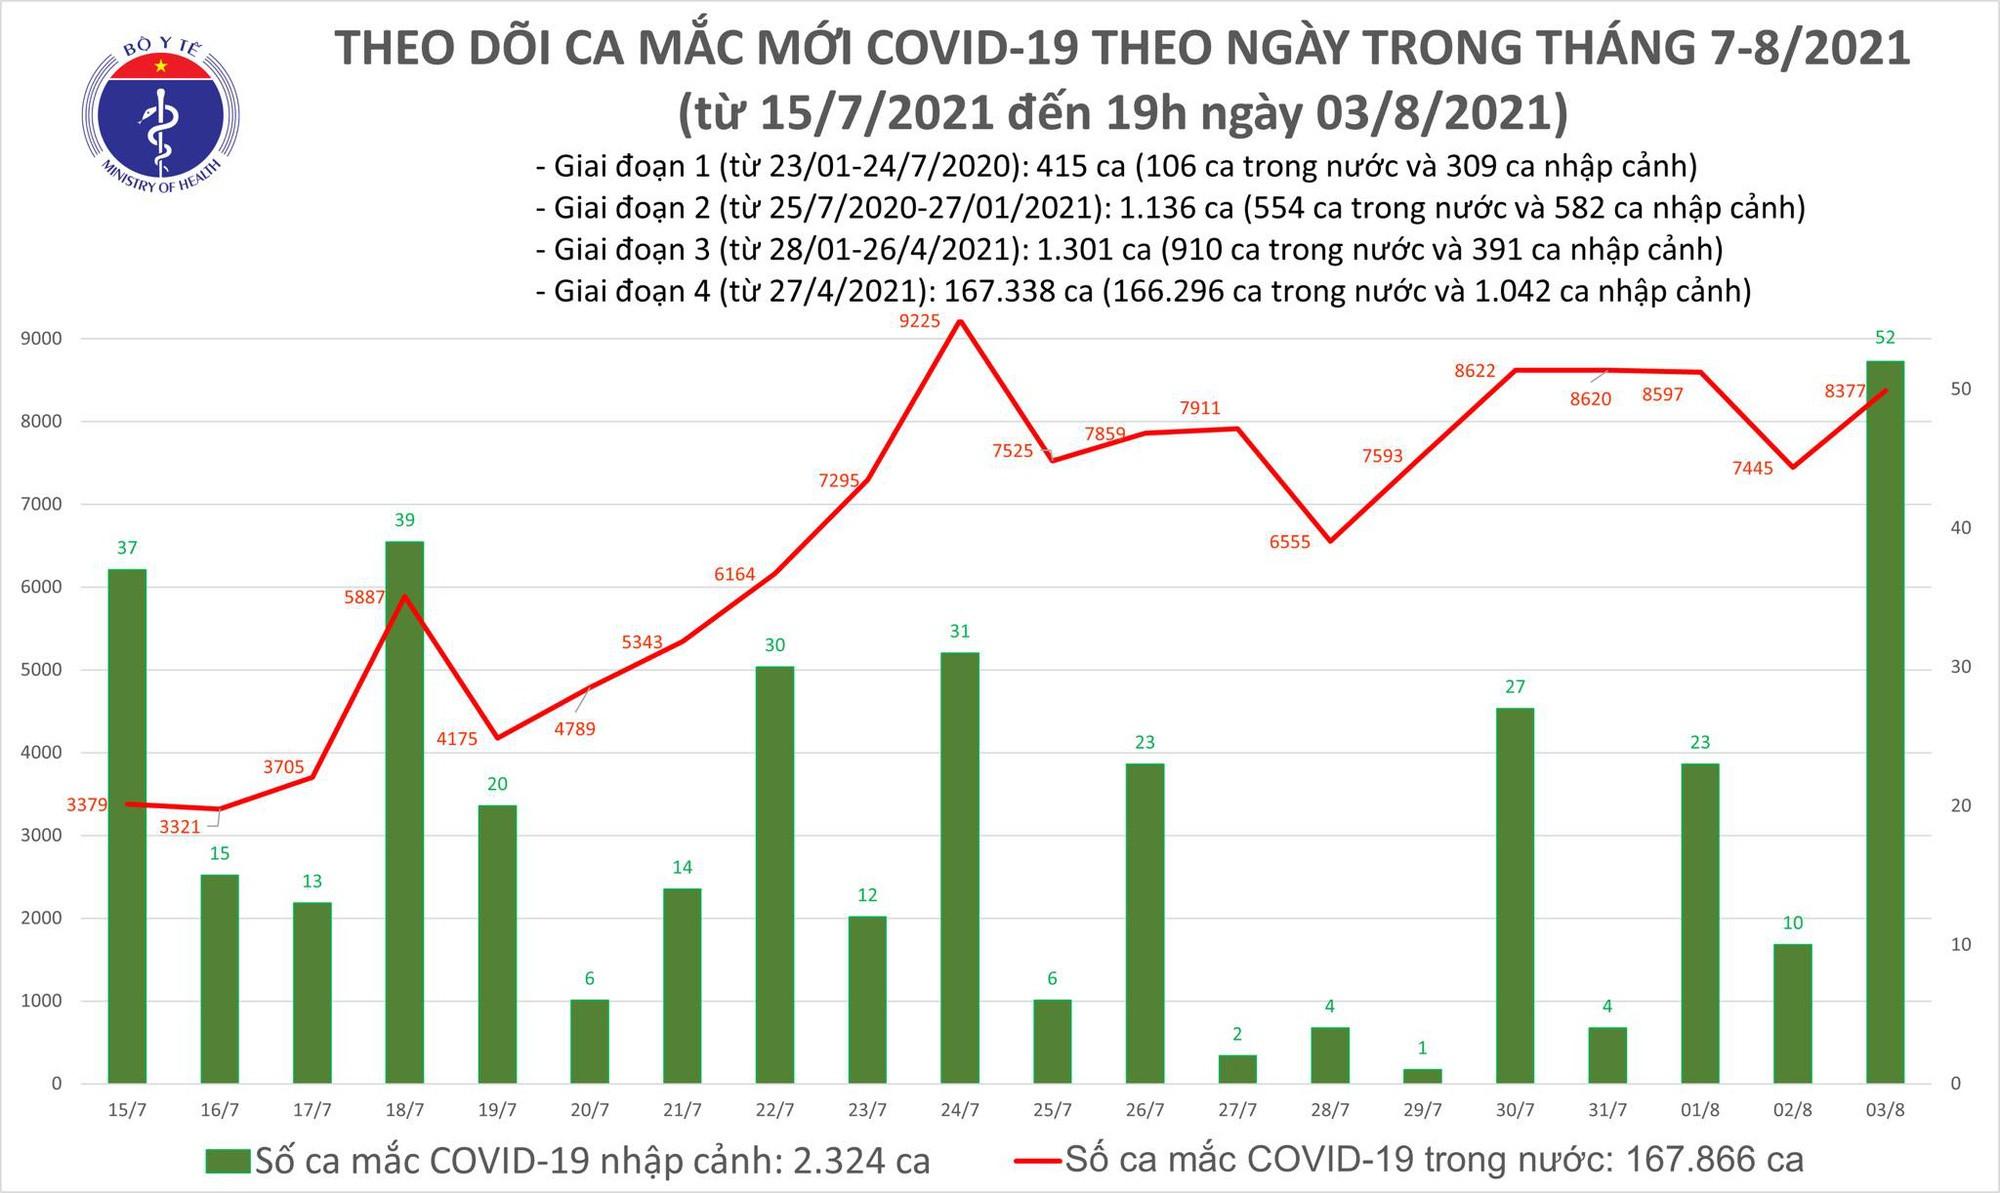 Tối 3/8: Có 4.851 ca mắc COVID-19, tổng số mắc trong ngày là 8.429 ca - Ảnh 1.